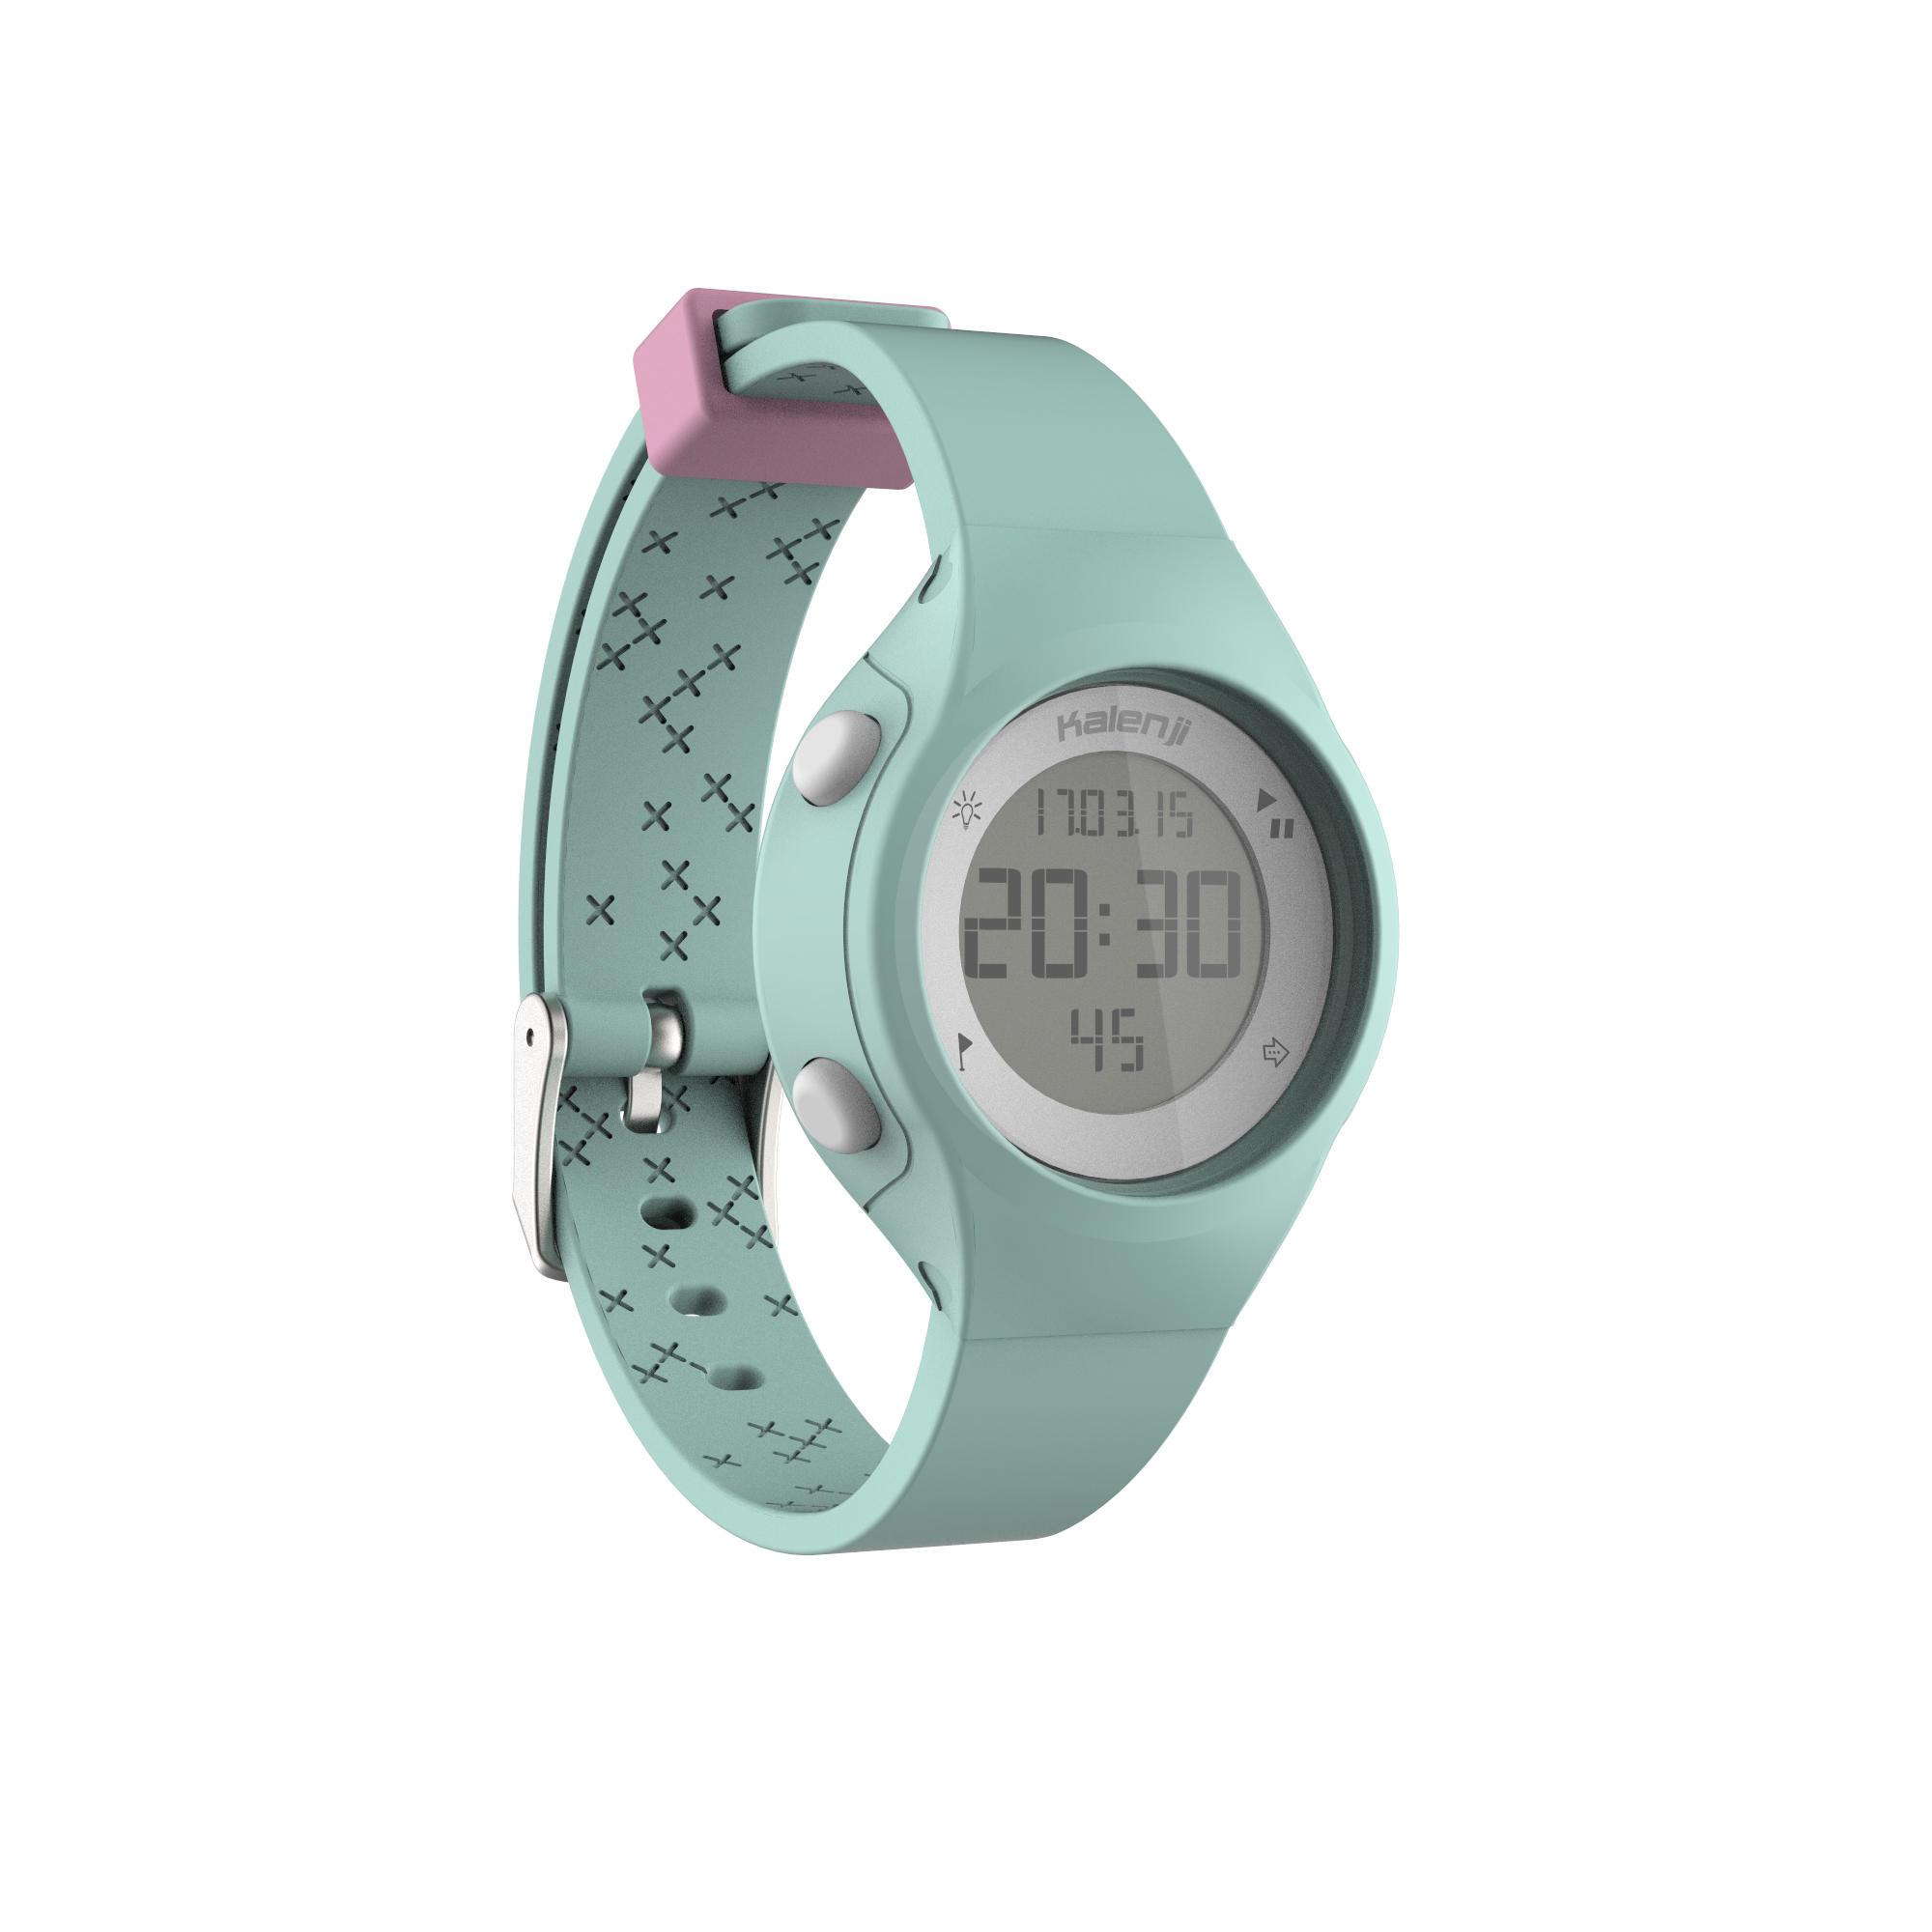 Reloj digital de deporte mujer y junior temporizador W500 S swip VERDE PASTEL